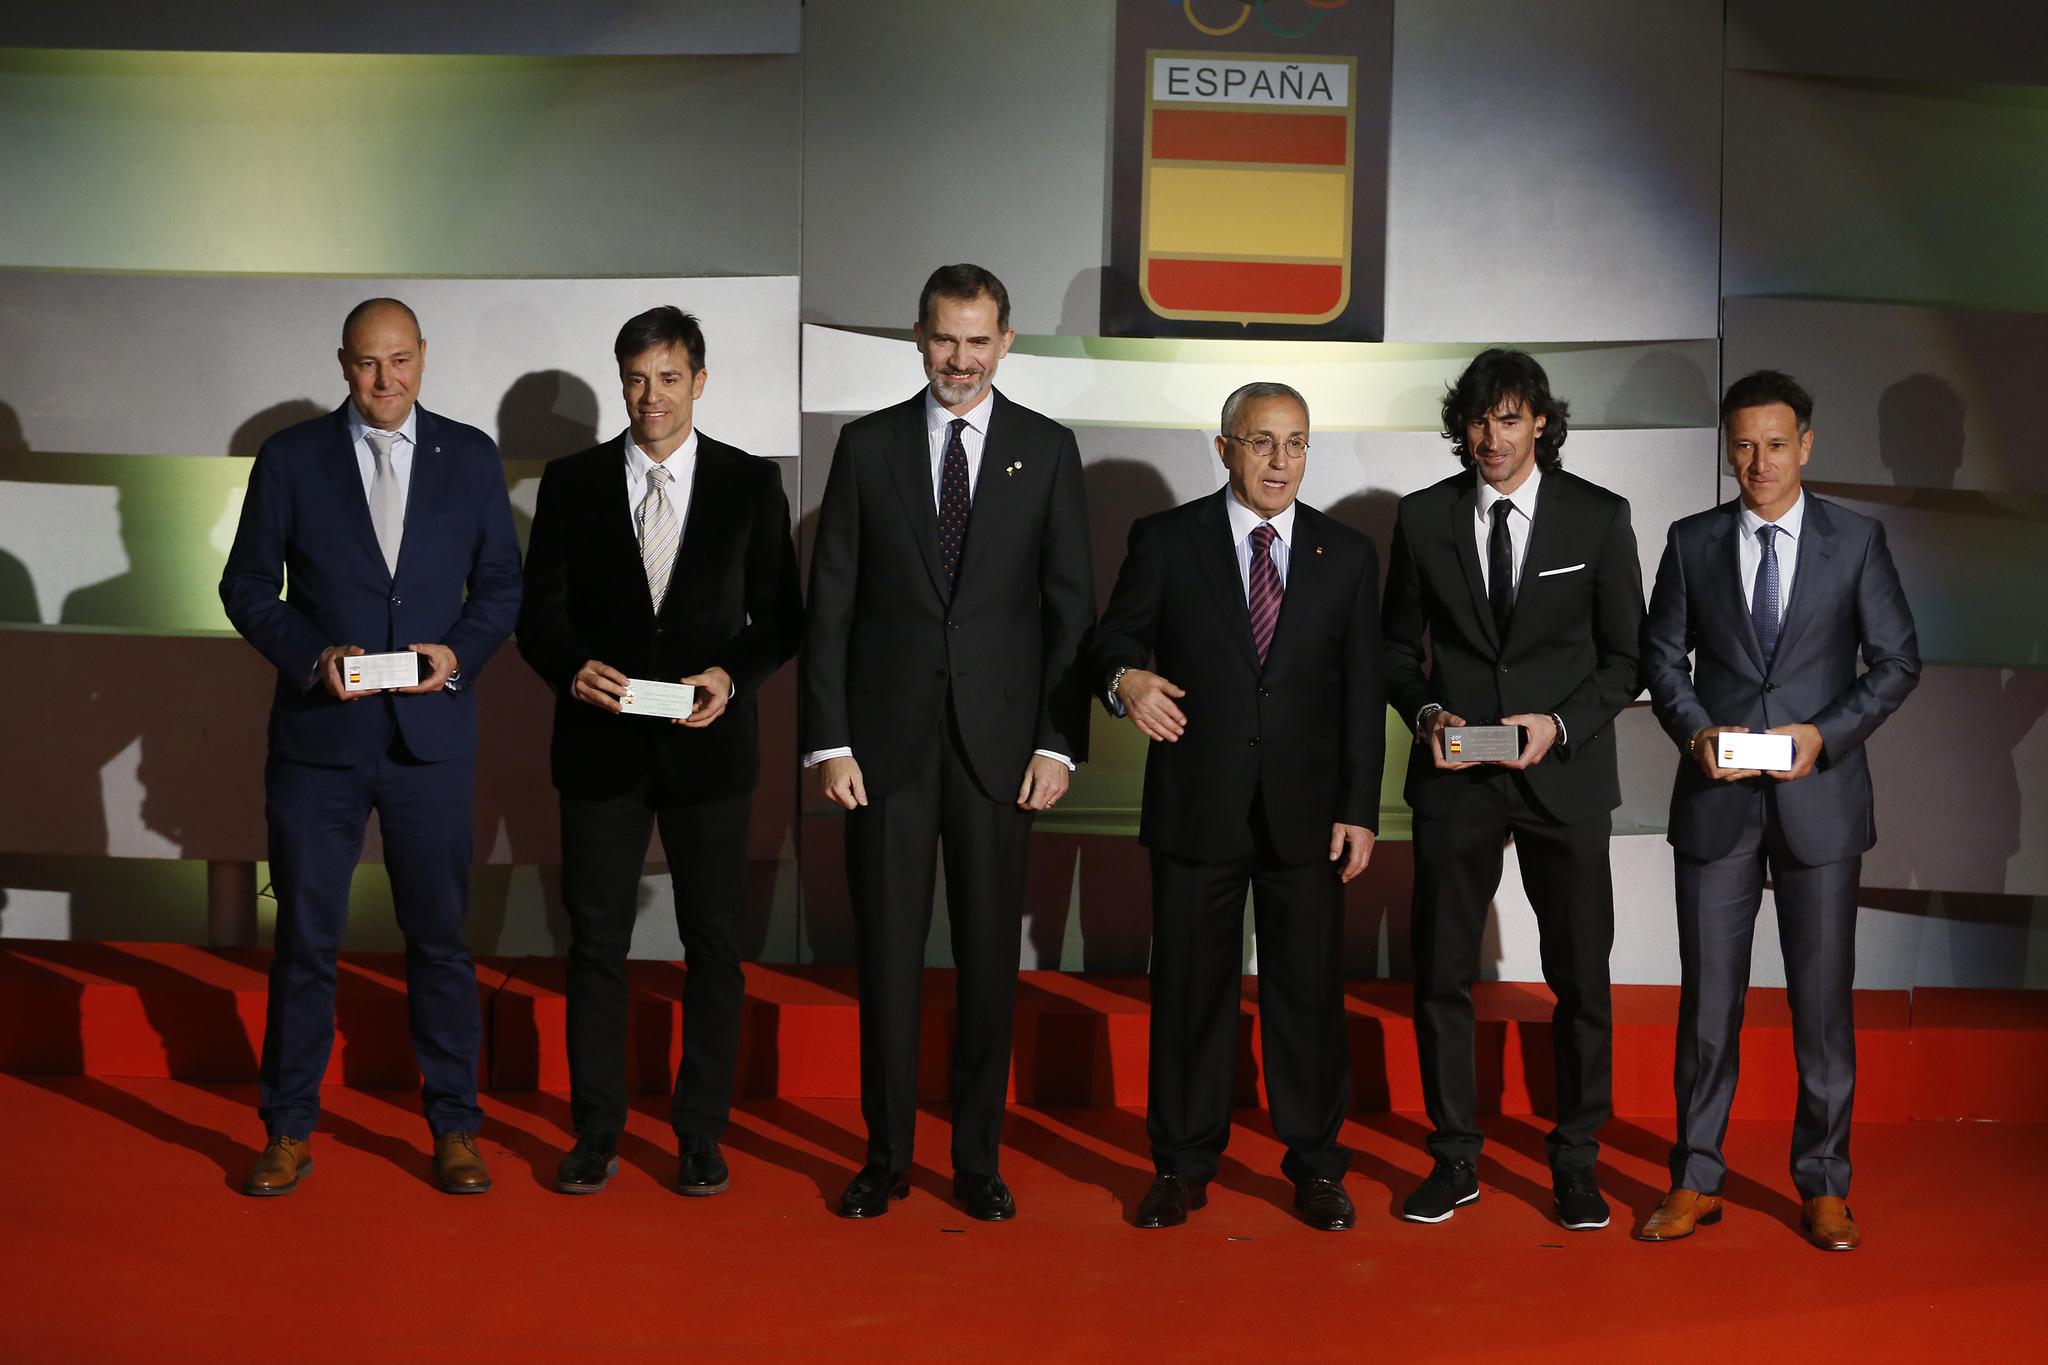 Los integrantes de la selección española de fútbol en Barcelona 92.